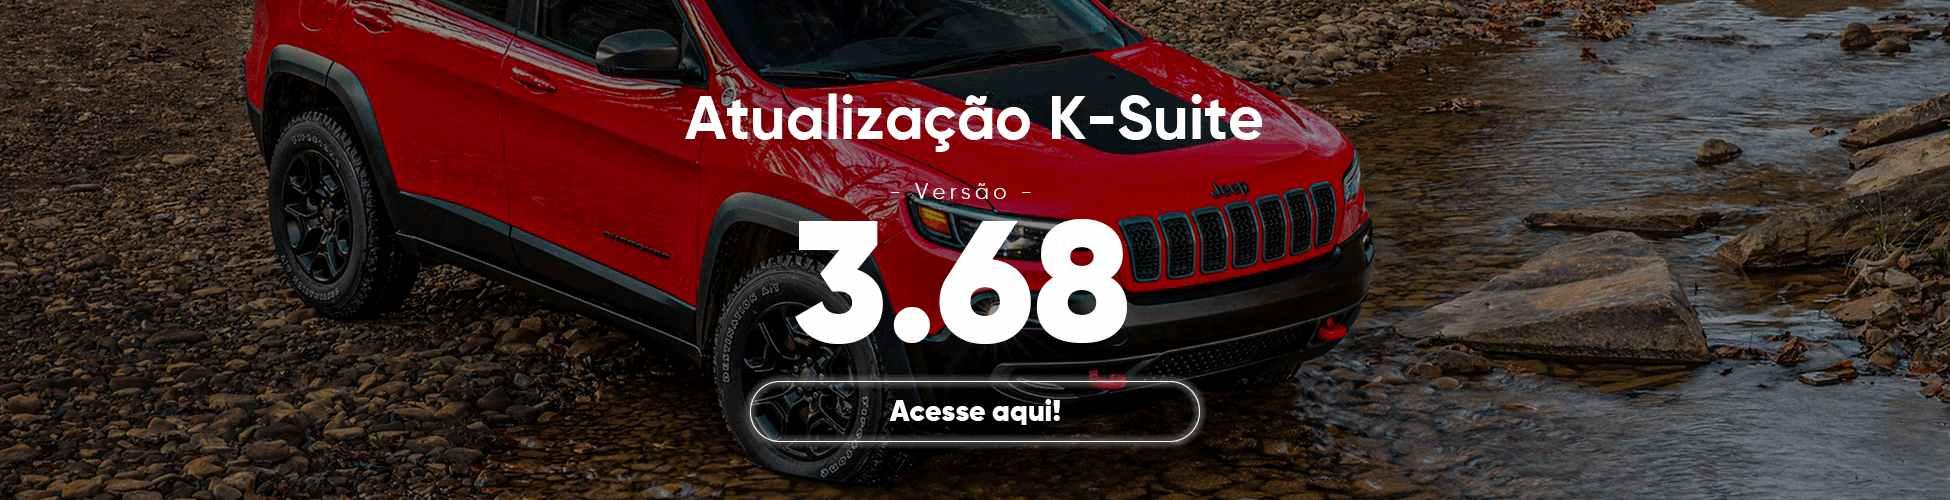 Atualização K-Suite 3.68